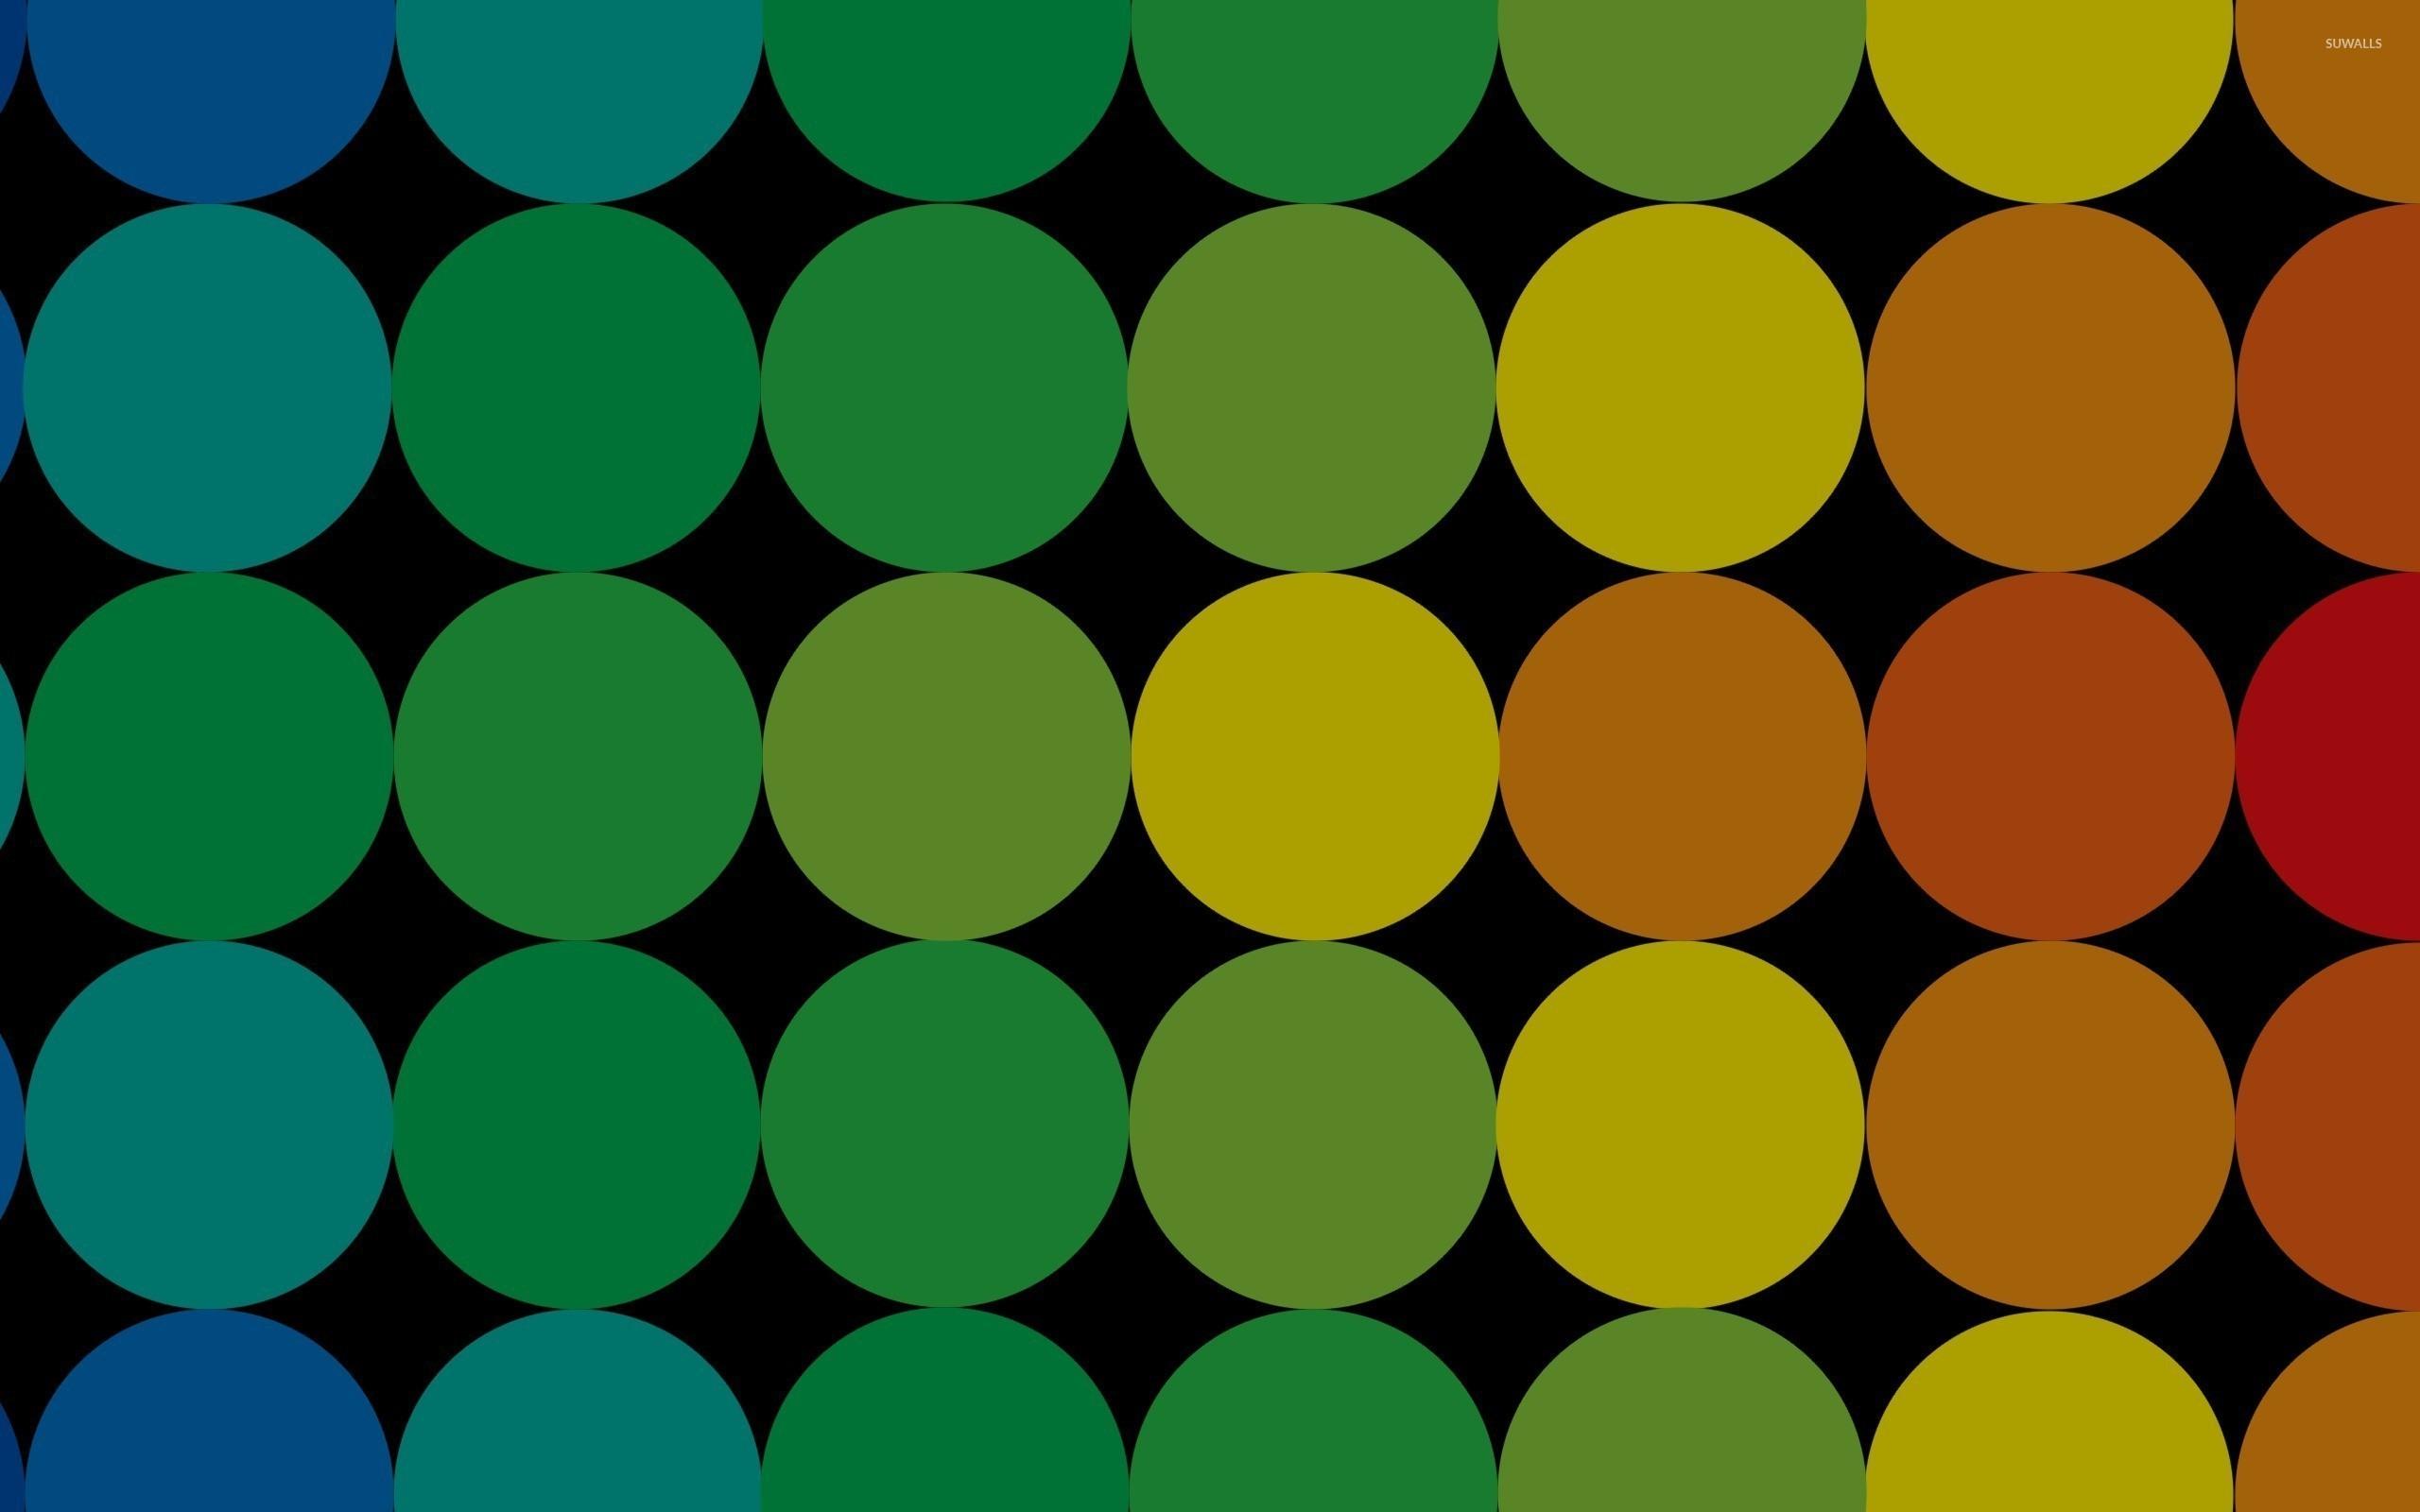 Aninimal Book: [44+] Modern Circle Pattern Wallpaper on WallpaperSafari